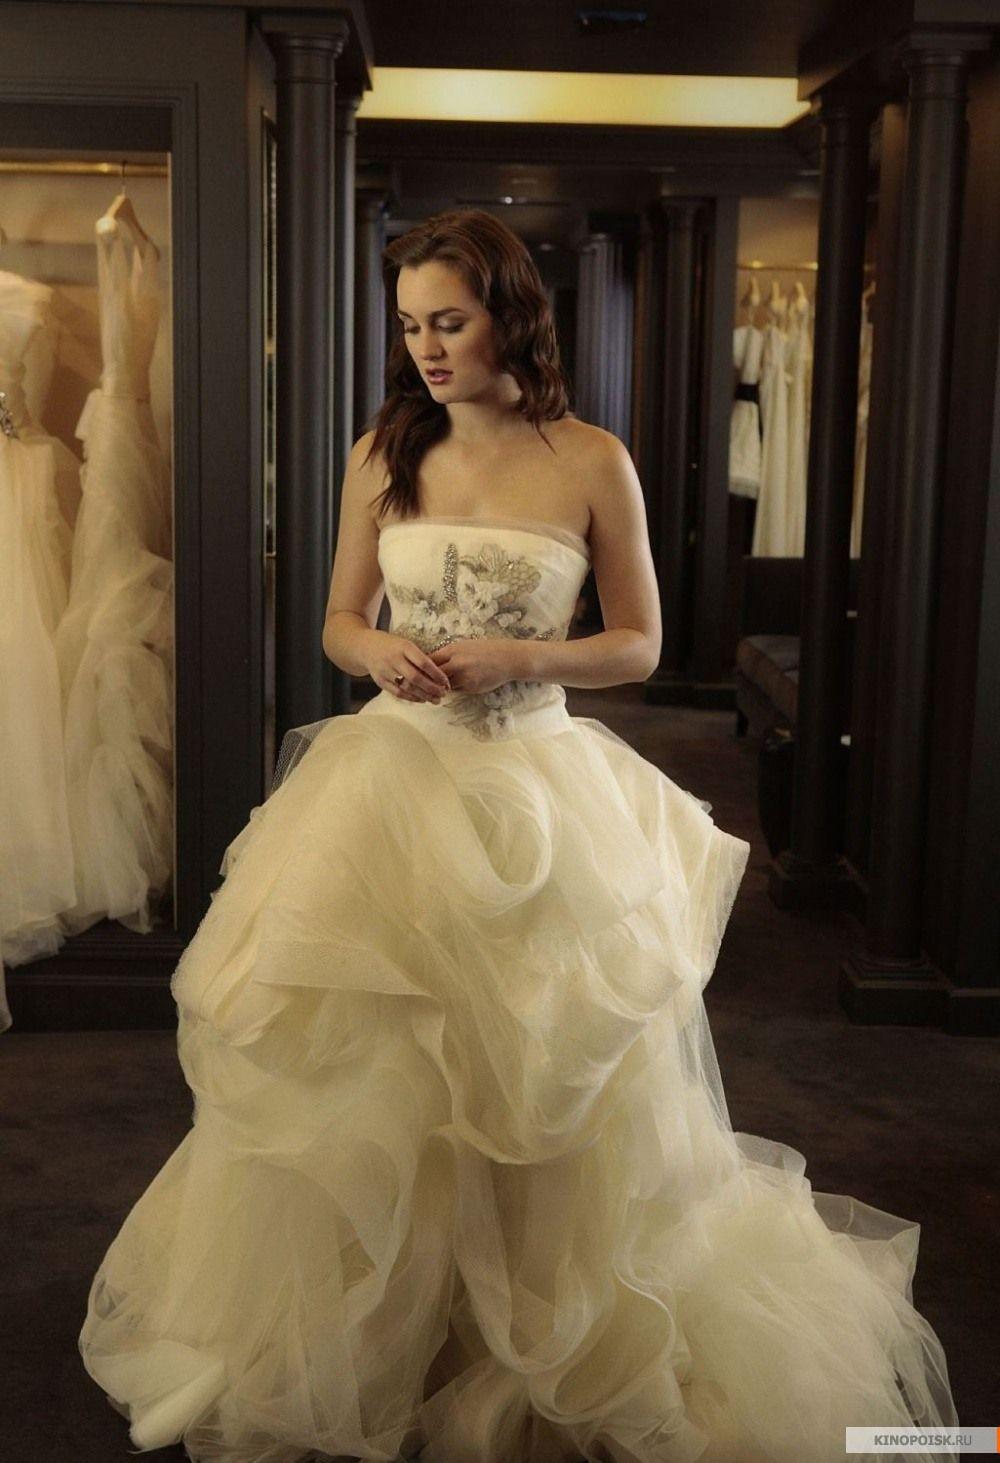 blair waldorf wedding dress   Gossip Girl   Pinterest   Blair ...